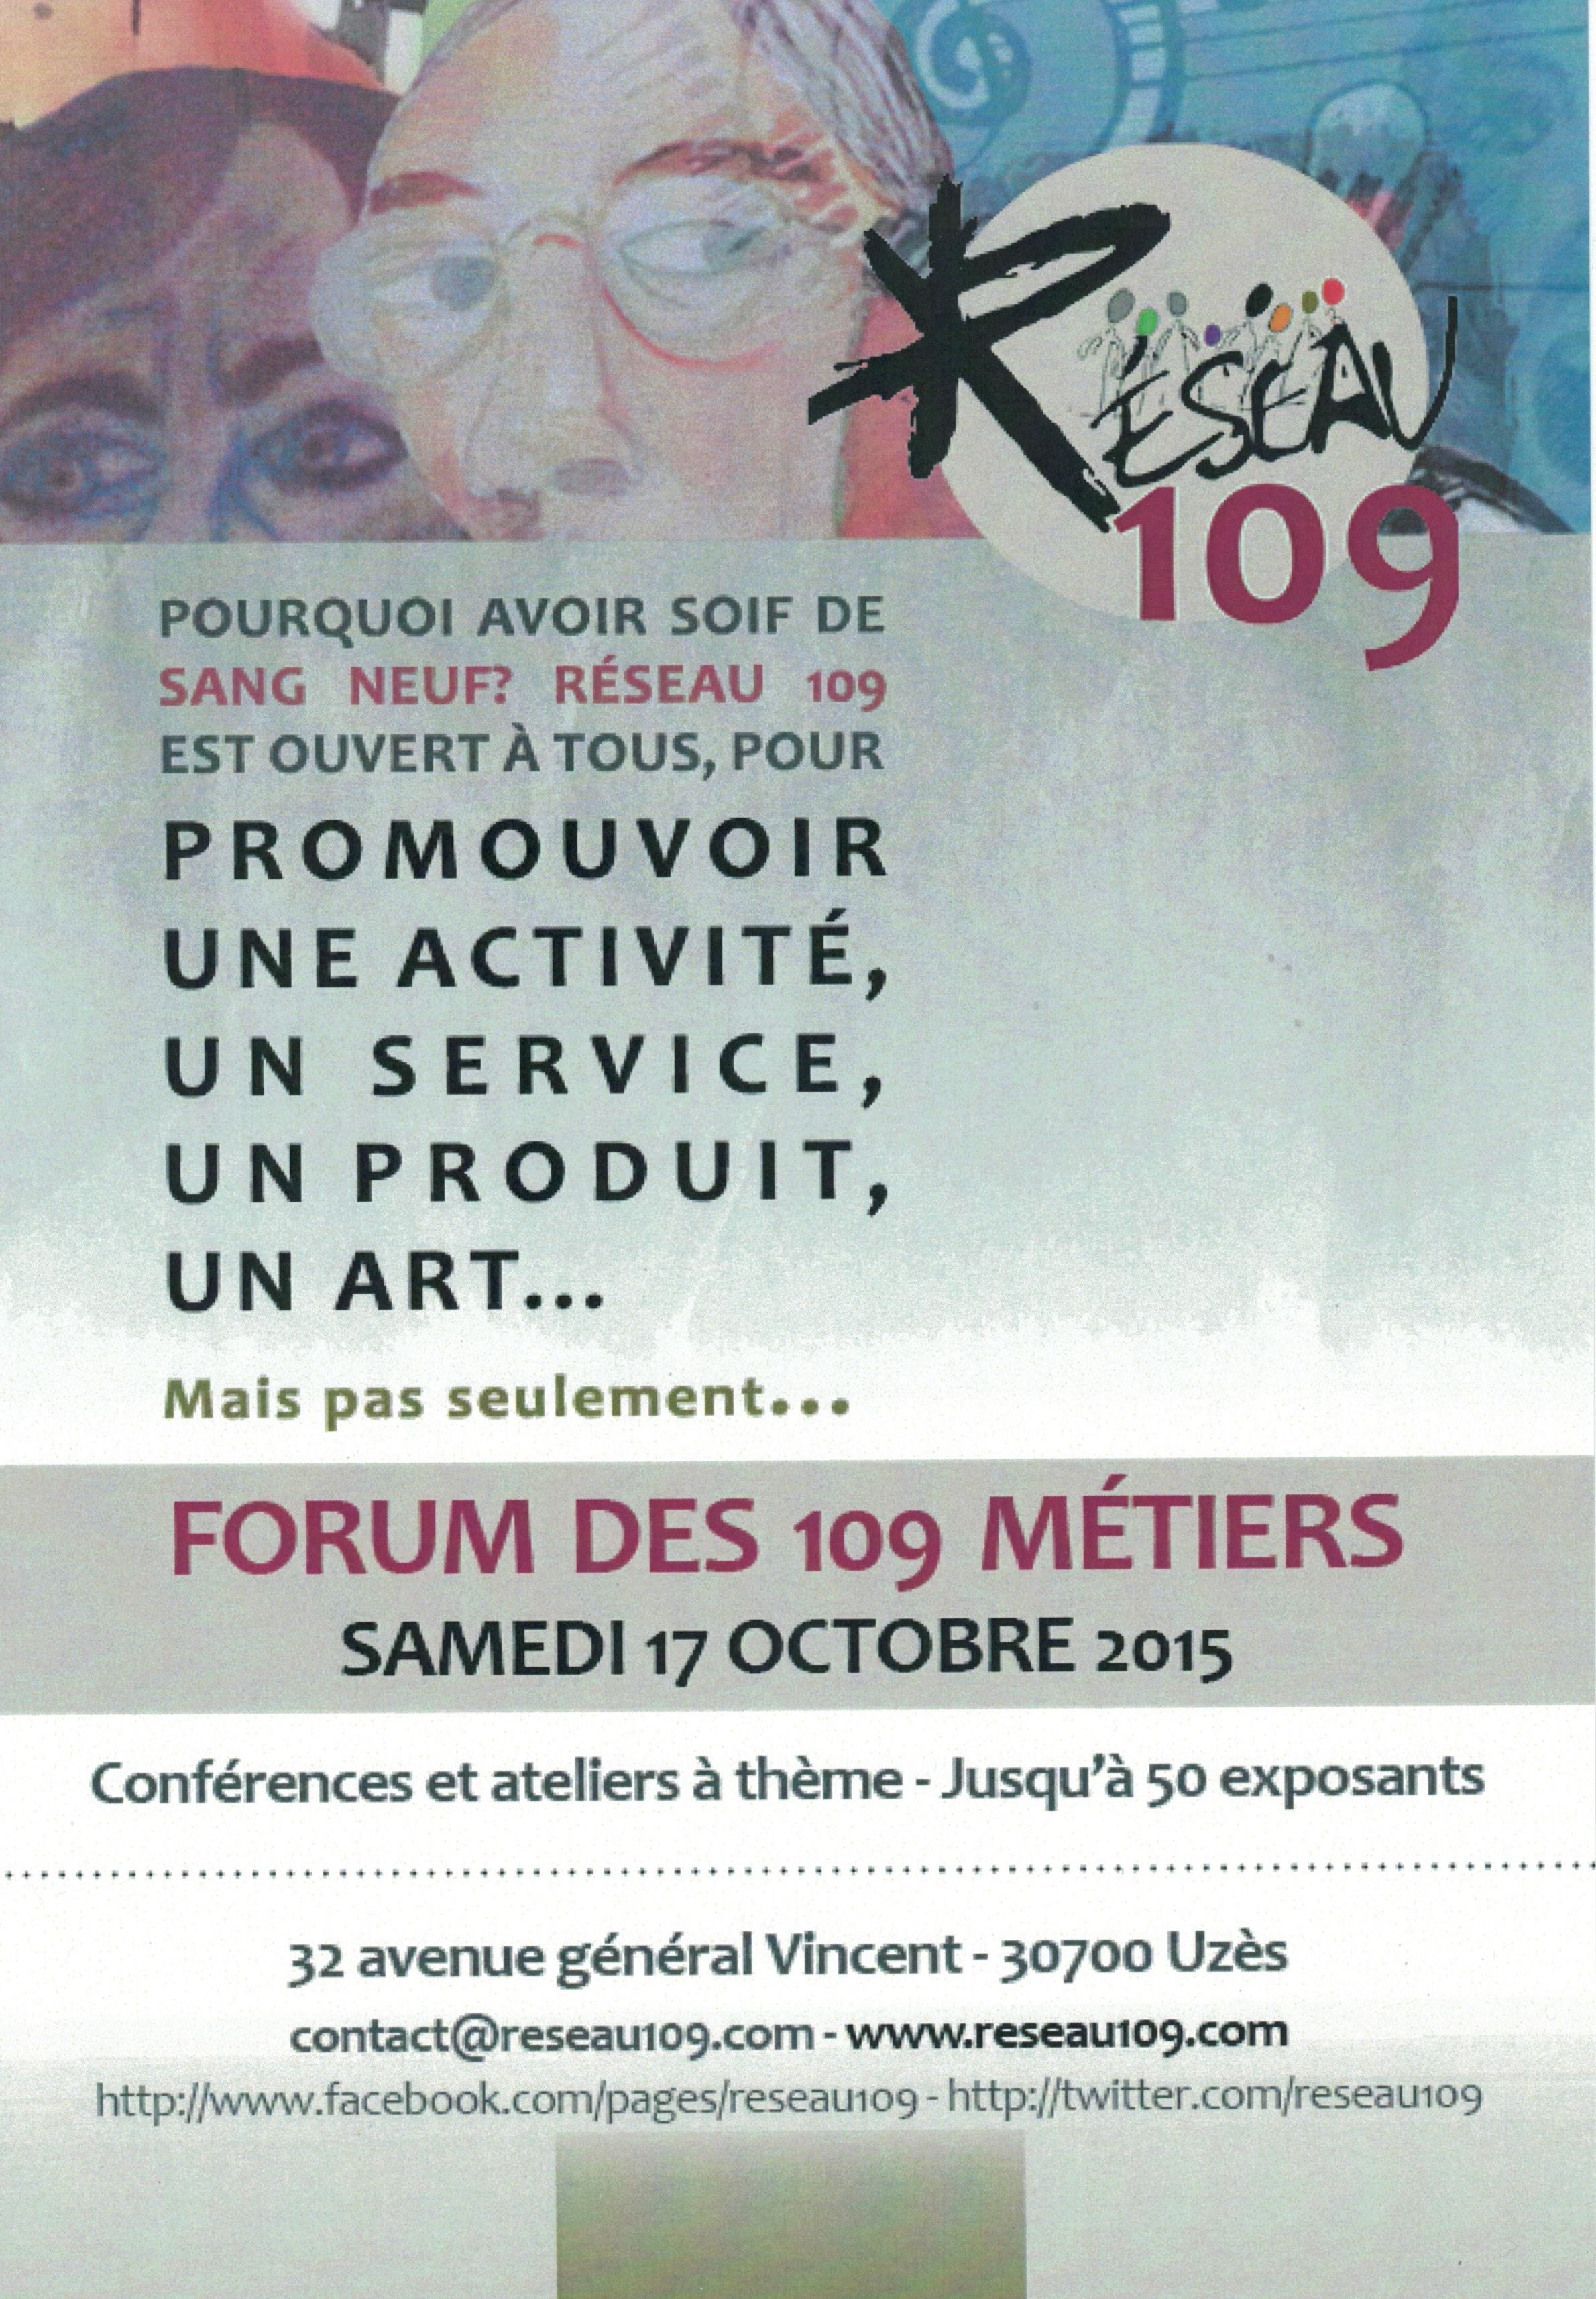 Découvrez le forum des 109 métiers à Uzès !